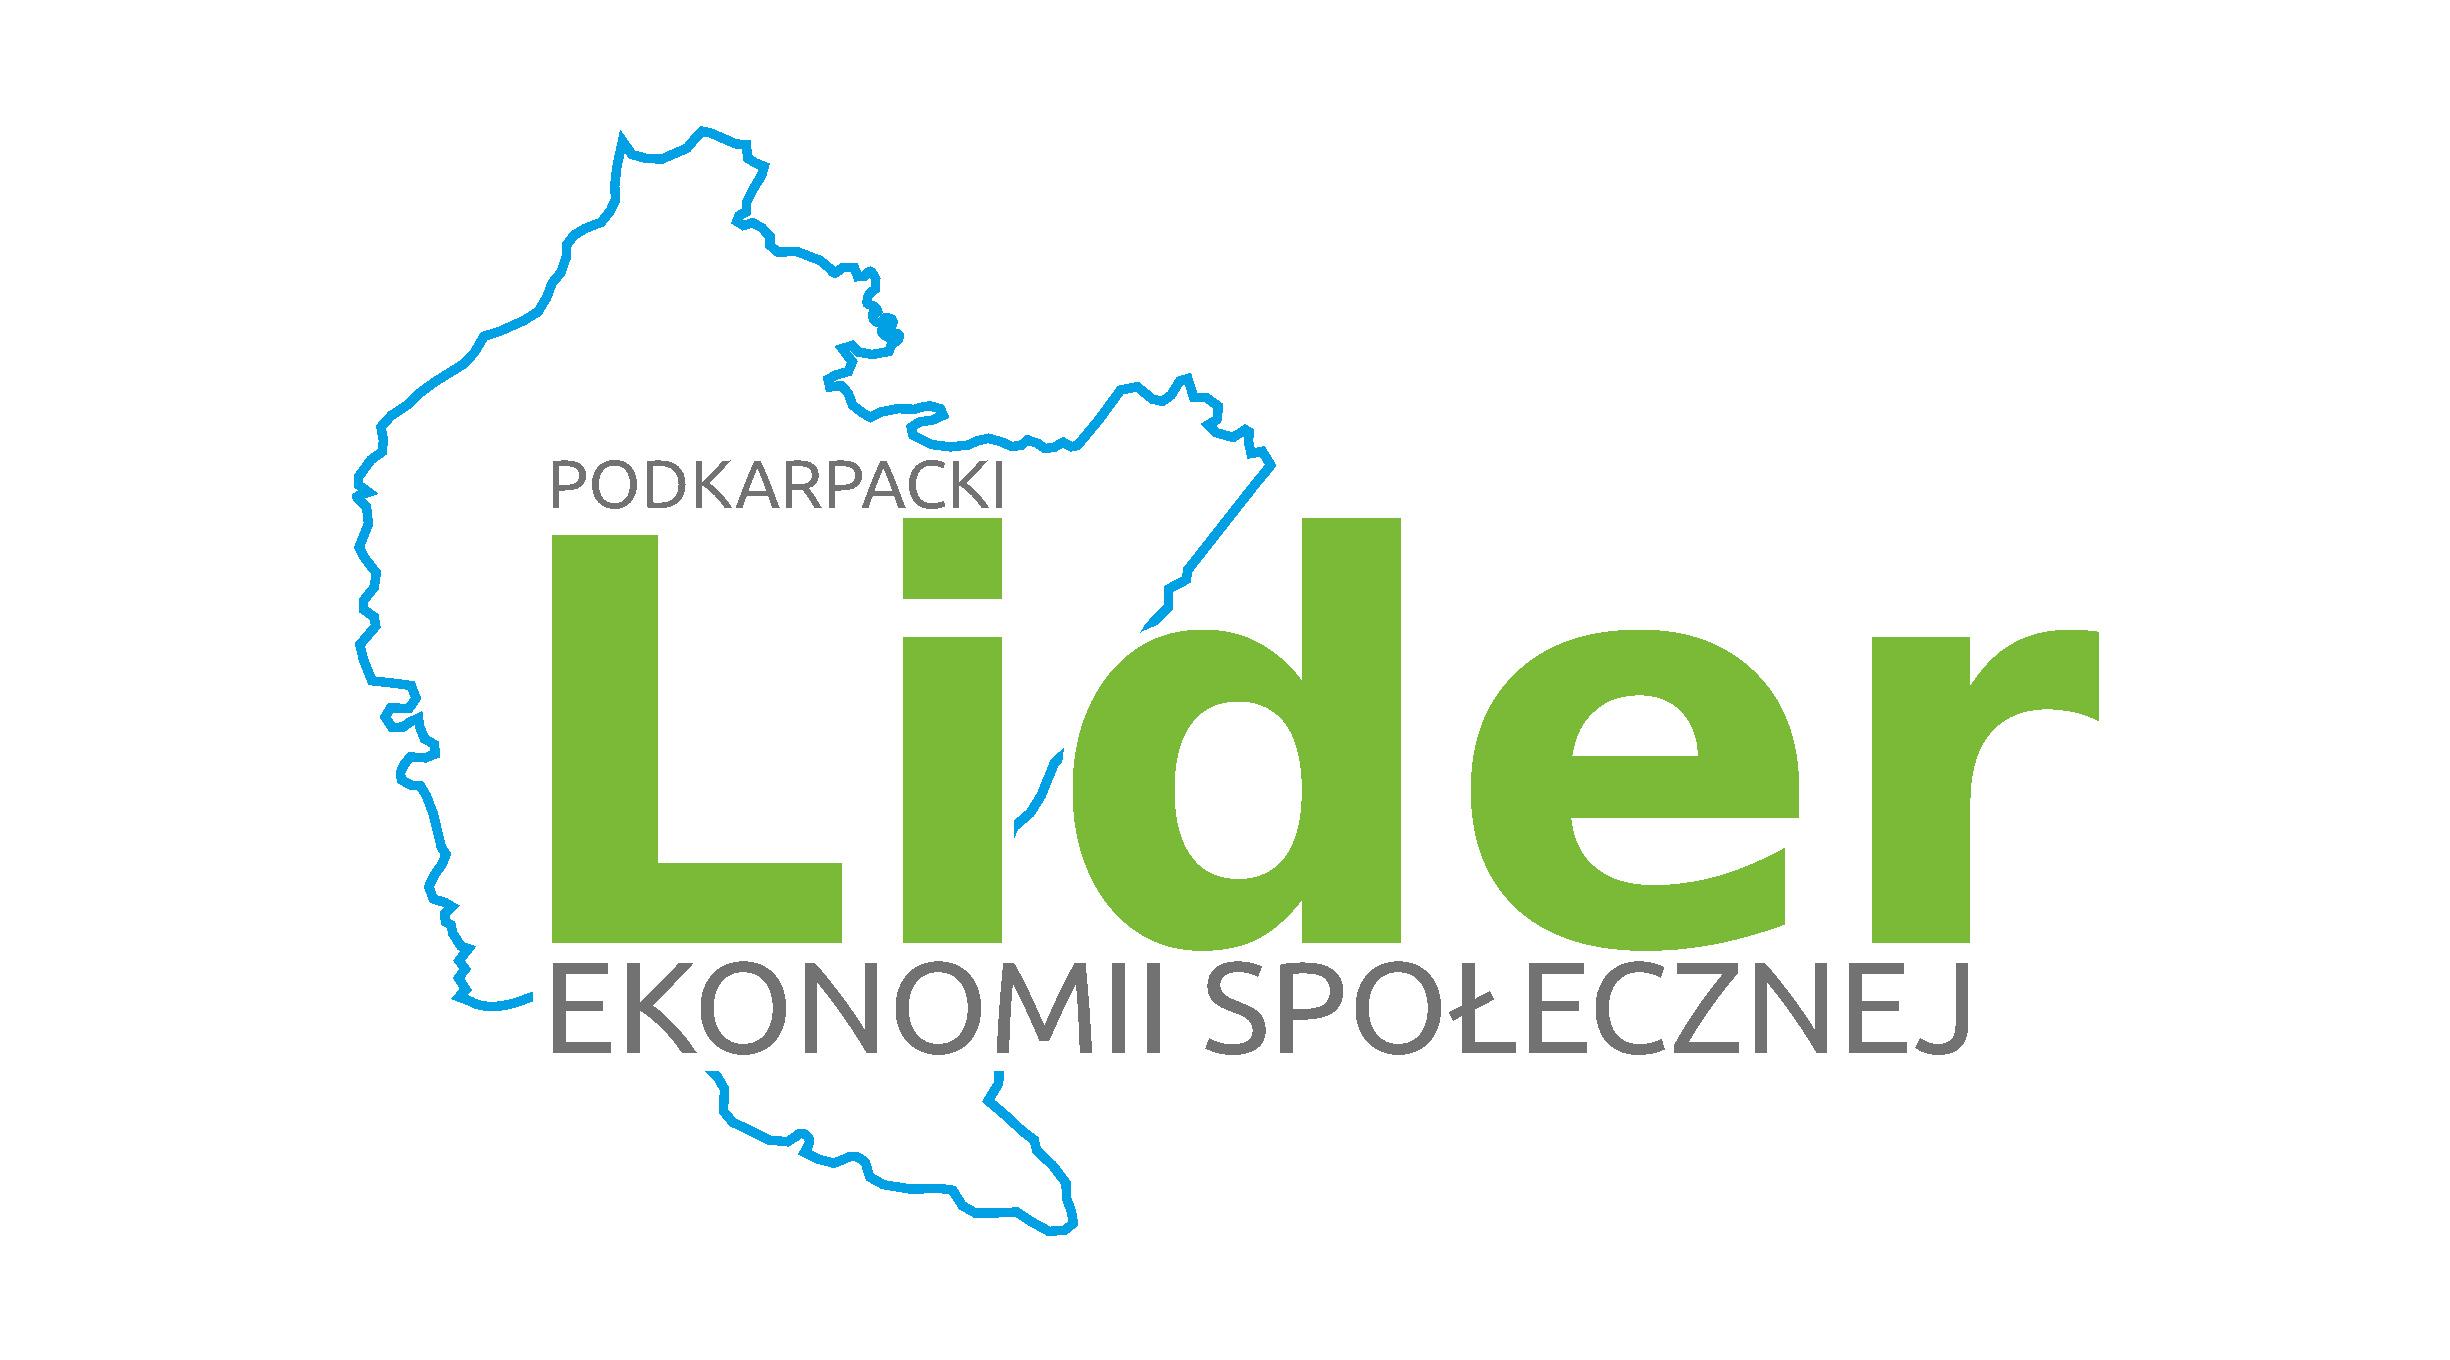 Logotyp Podkarpacki Lider Ekonomii Społecznej